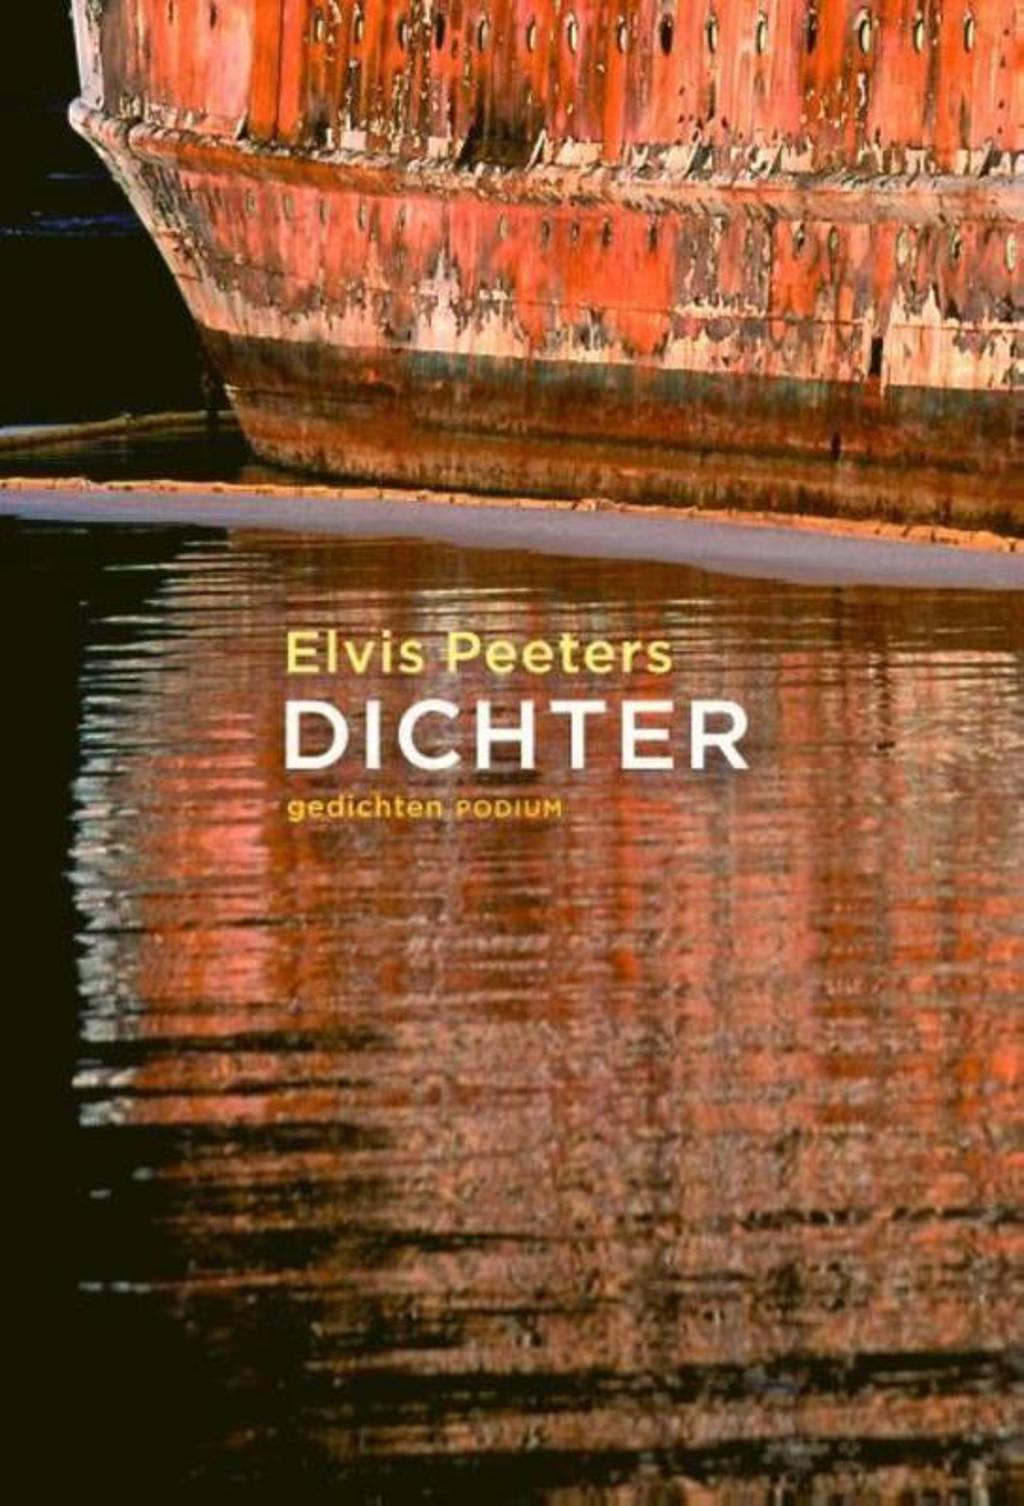 Dichter - Elvis Peeters